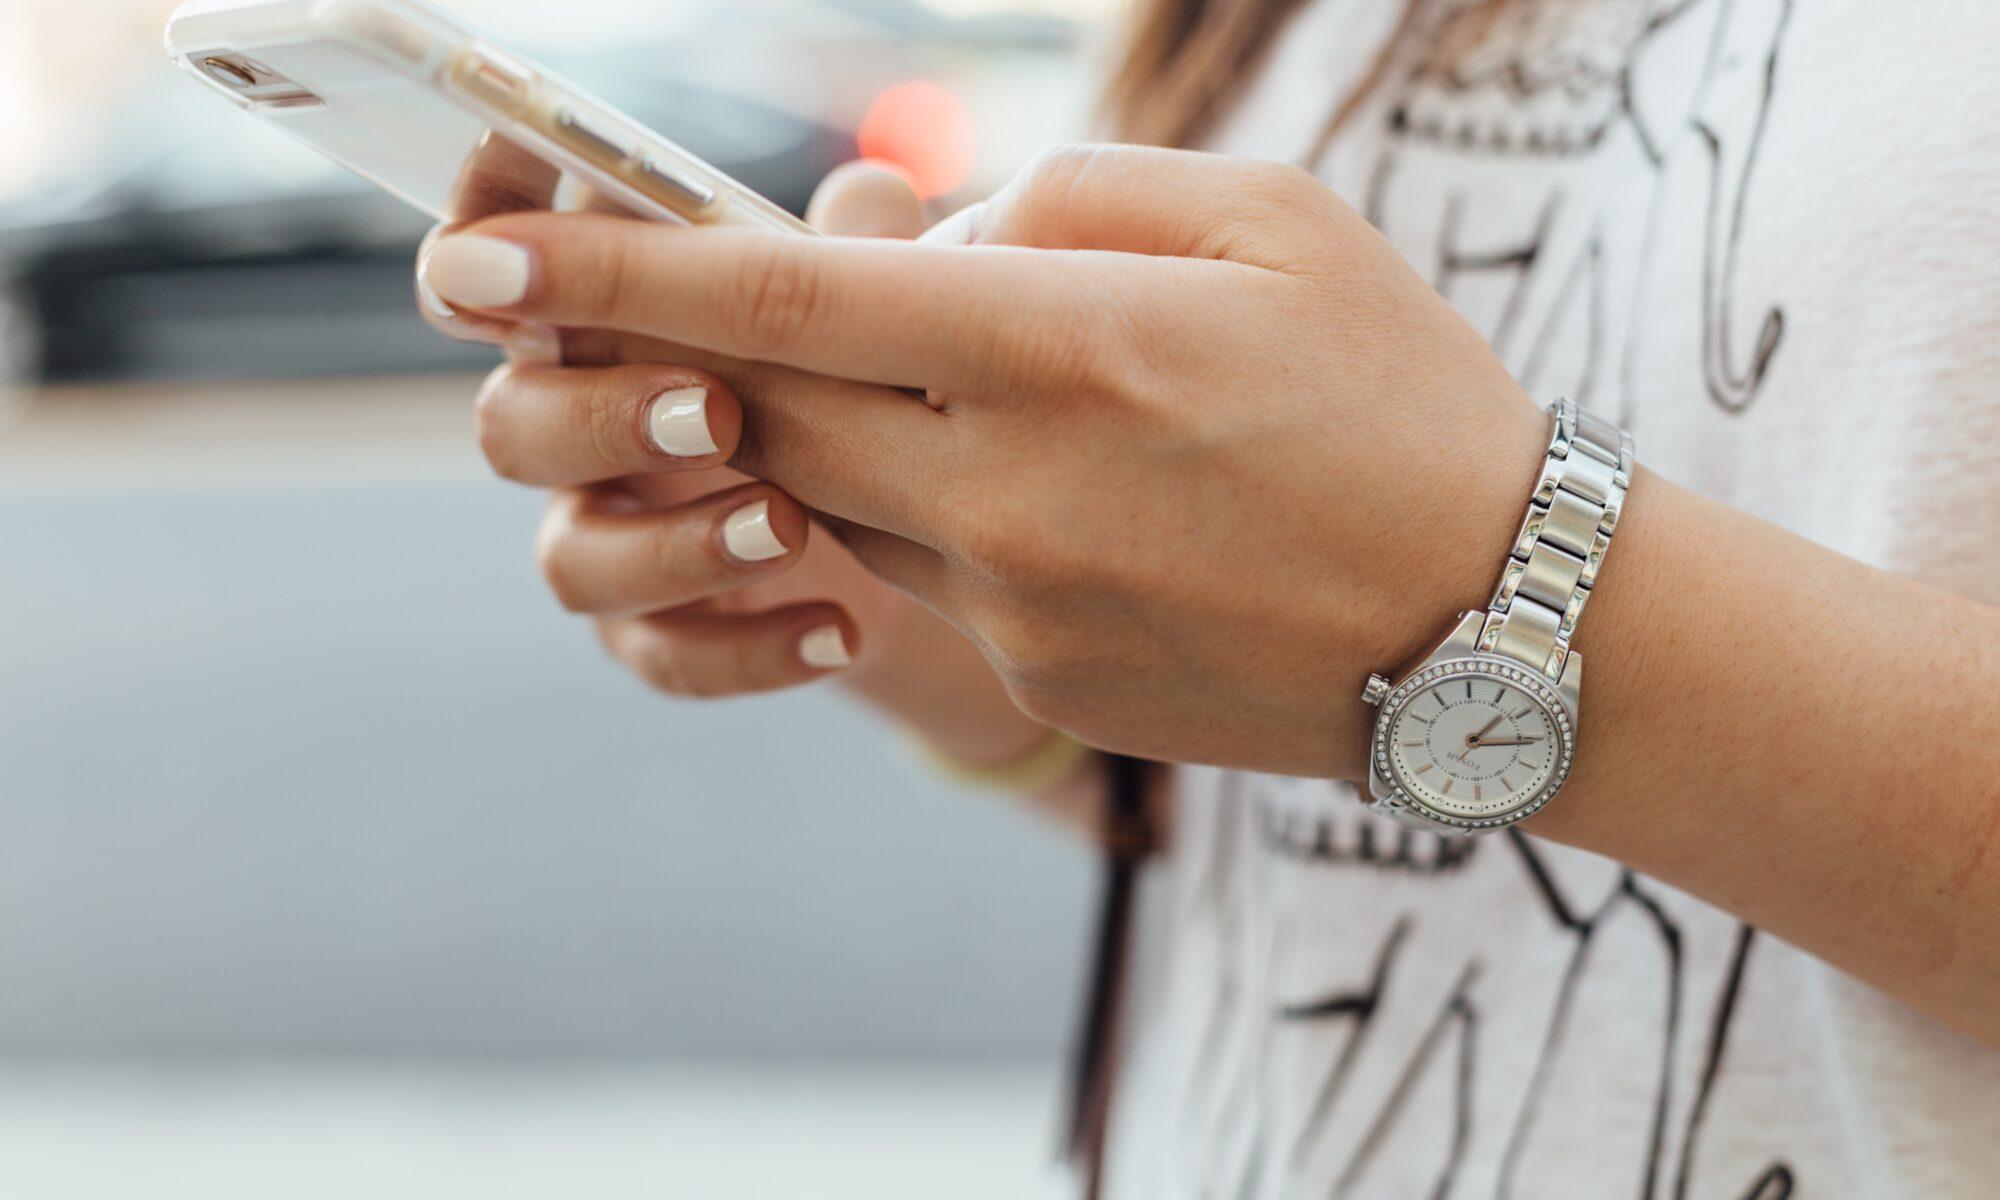 Frauenhände am Smartphone